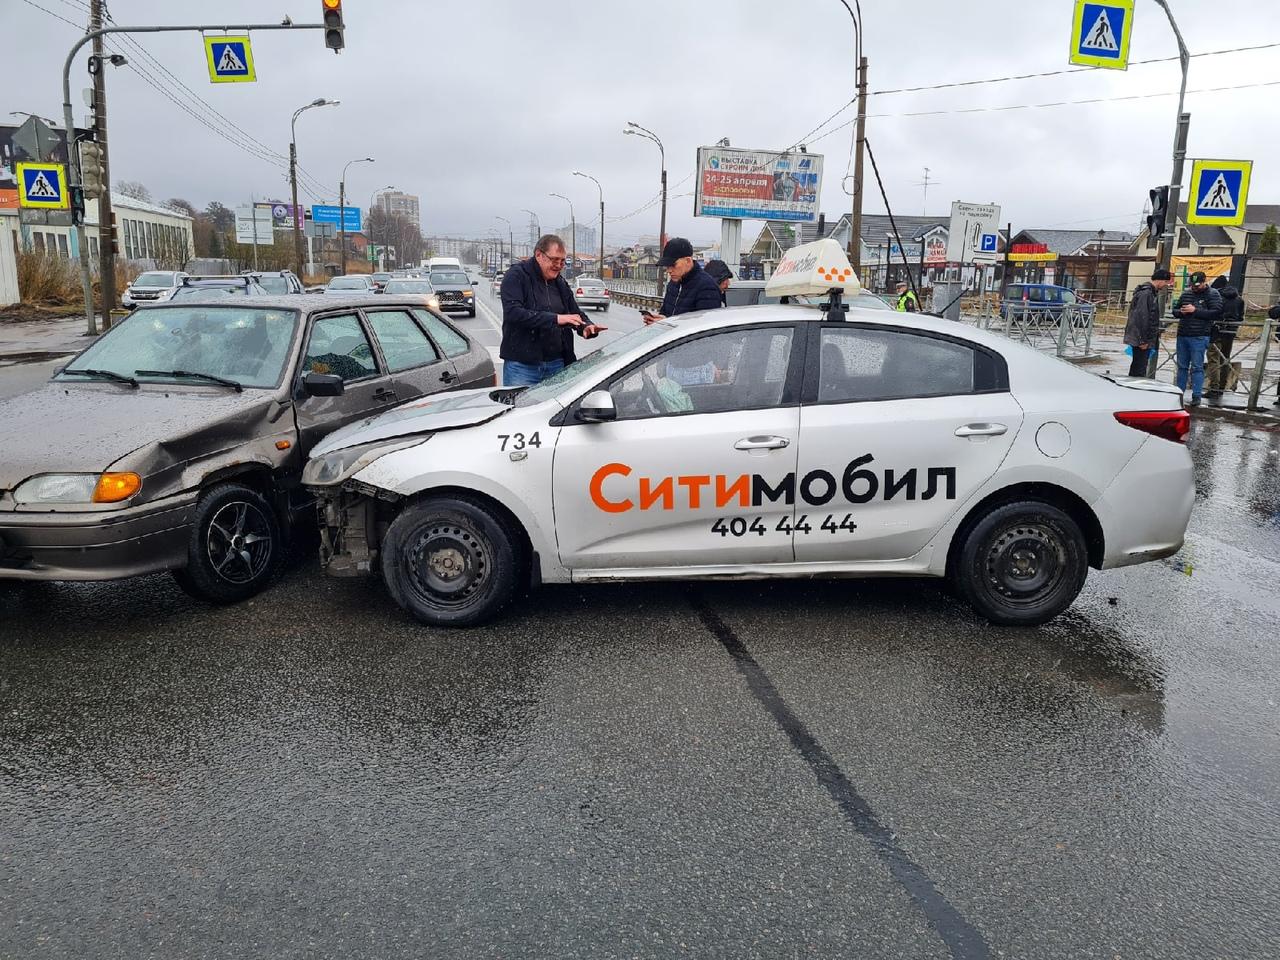 Ситимобиль столкнулся с ВАЗом и рядом отдыхает буханка в ограждении на перекрестке Выборгского шоссе...